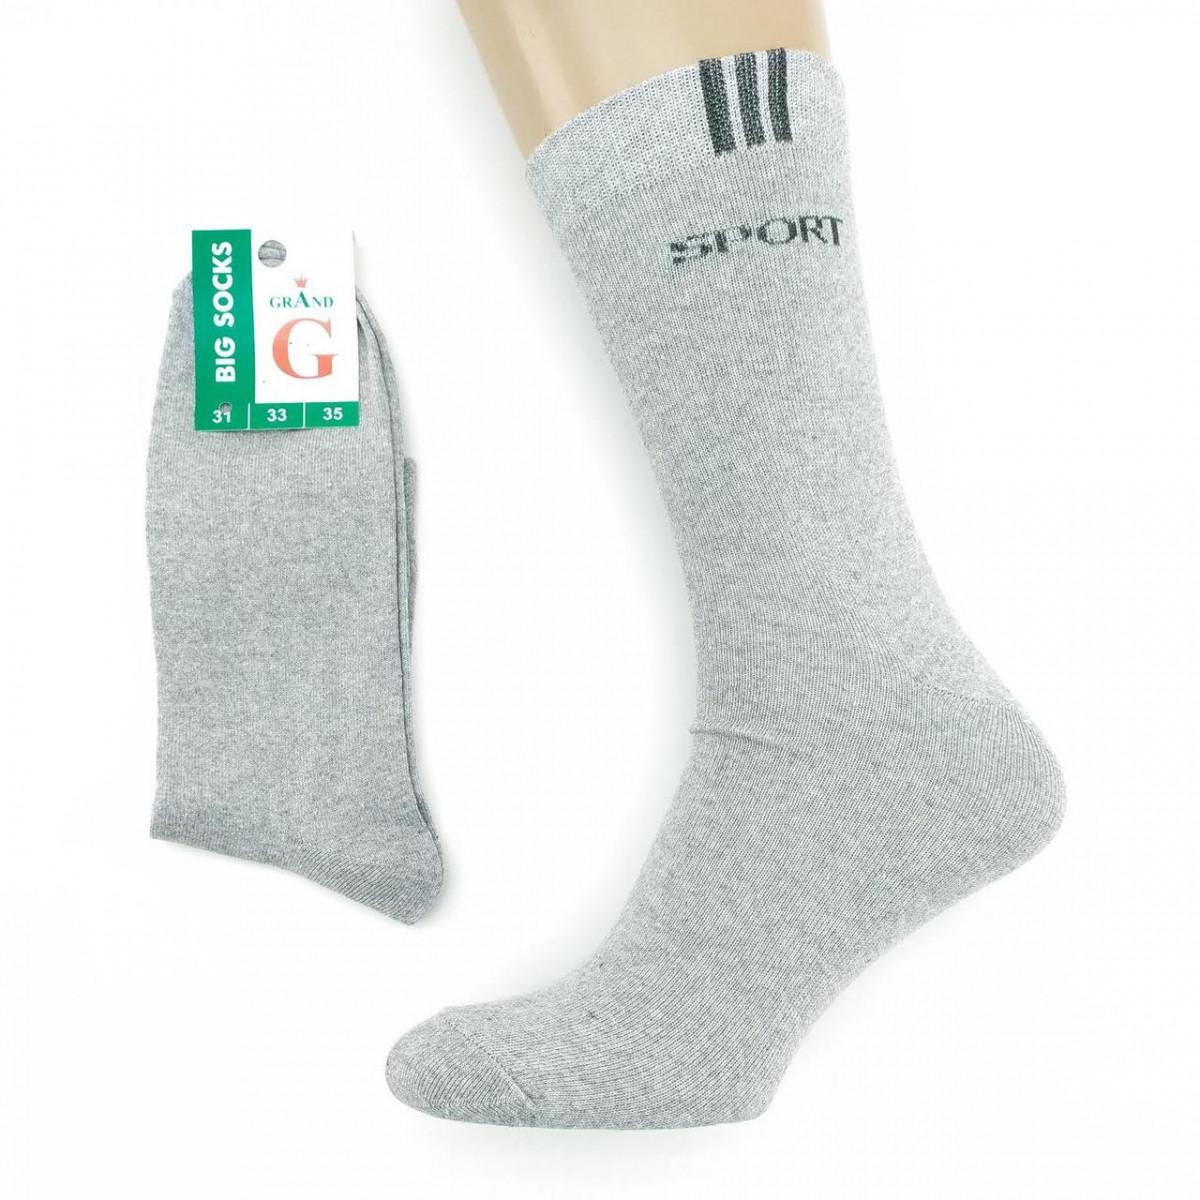 Носки мужские демисезонные высокие SPORT 31р серые 20037703